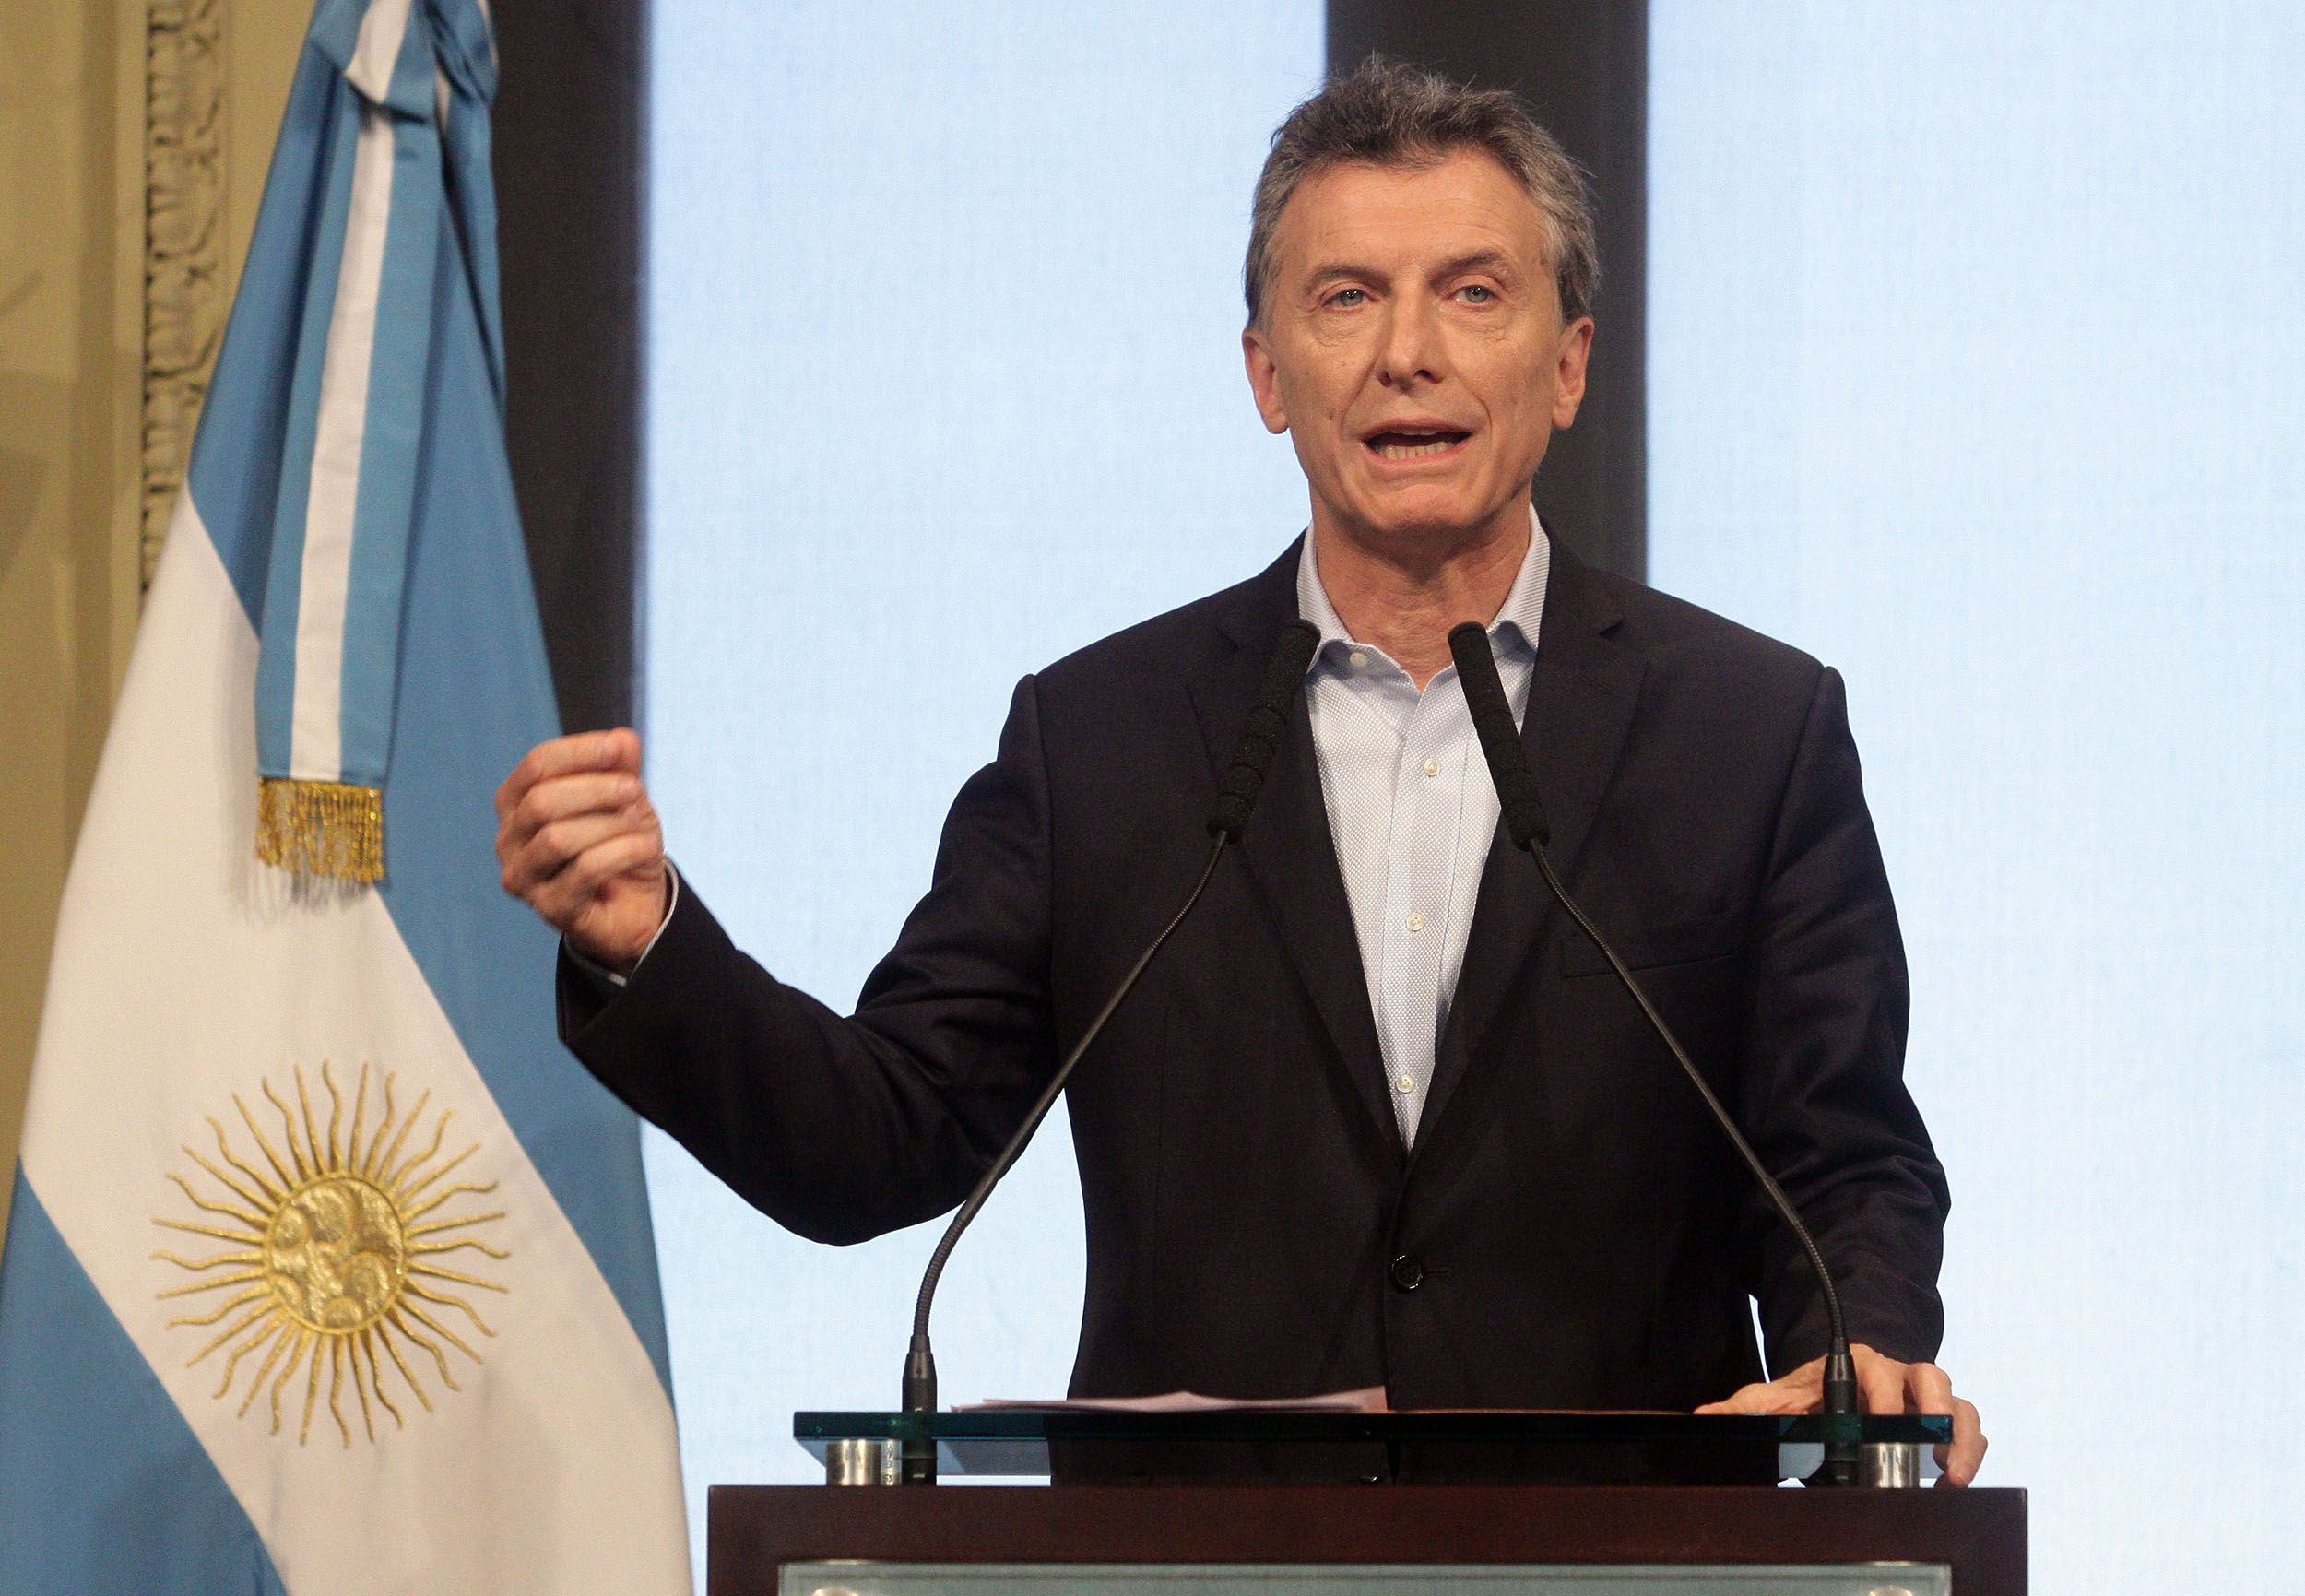 Estos son los 3 puntos que firmaron empresarios con Macri para frenar despidos